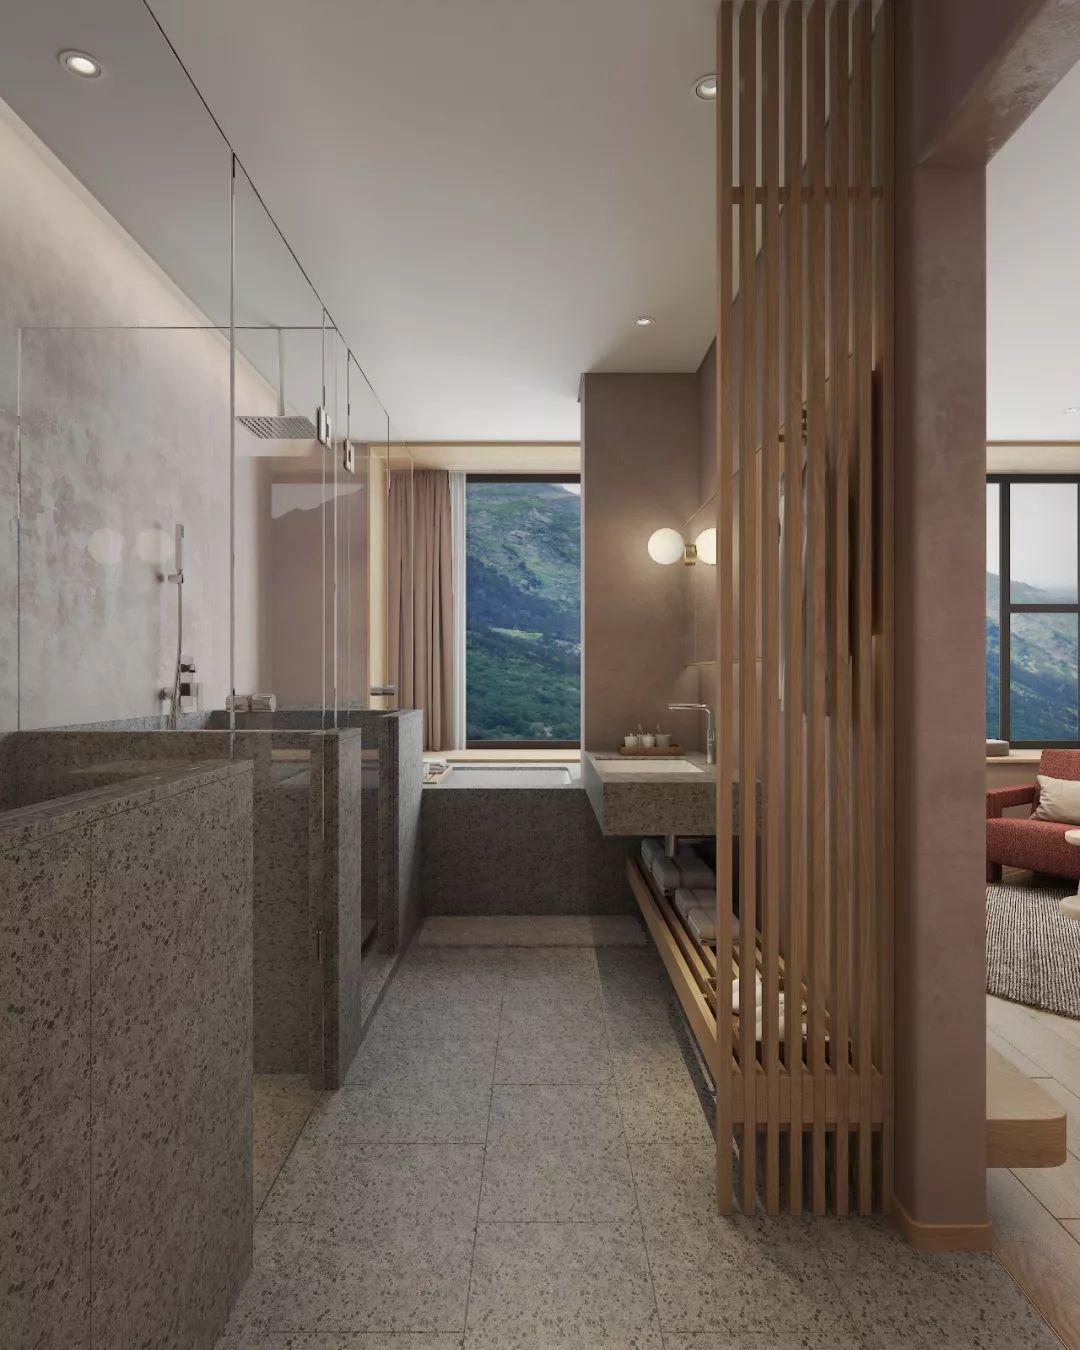 台州神仙居民宿设计-杭州达岸品牌策划设计公司a0184a1b48f95f52822d701ac45e501d